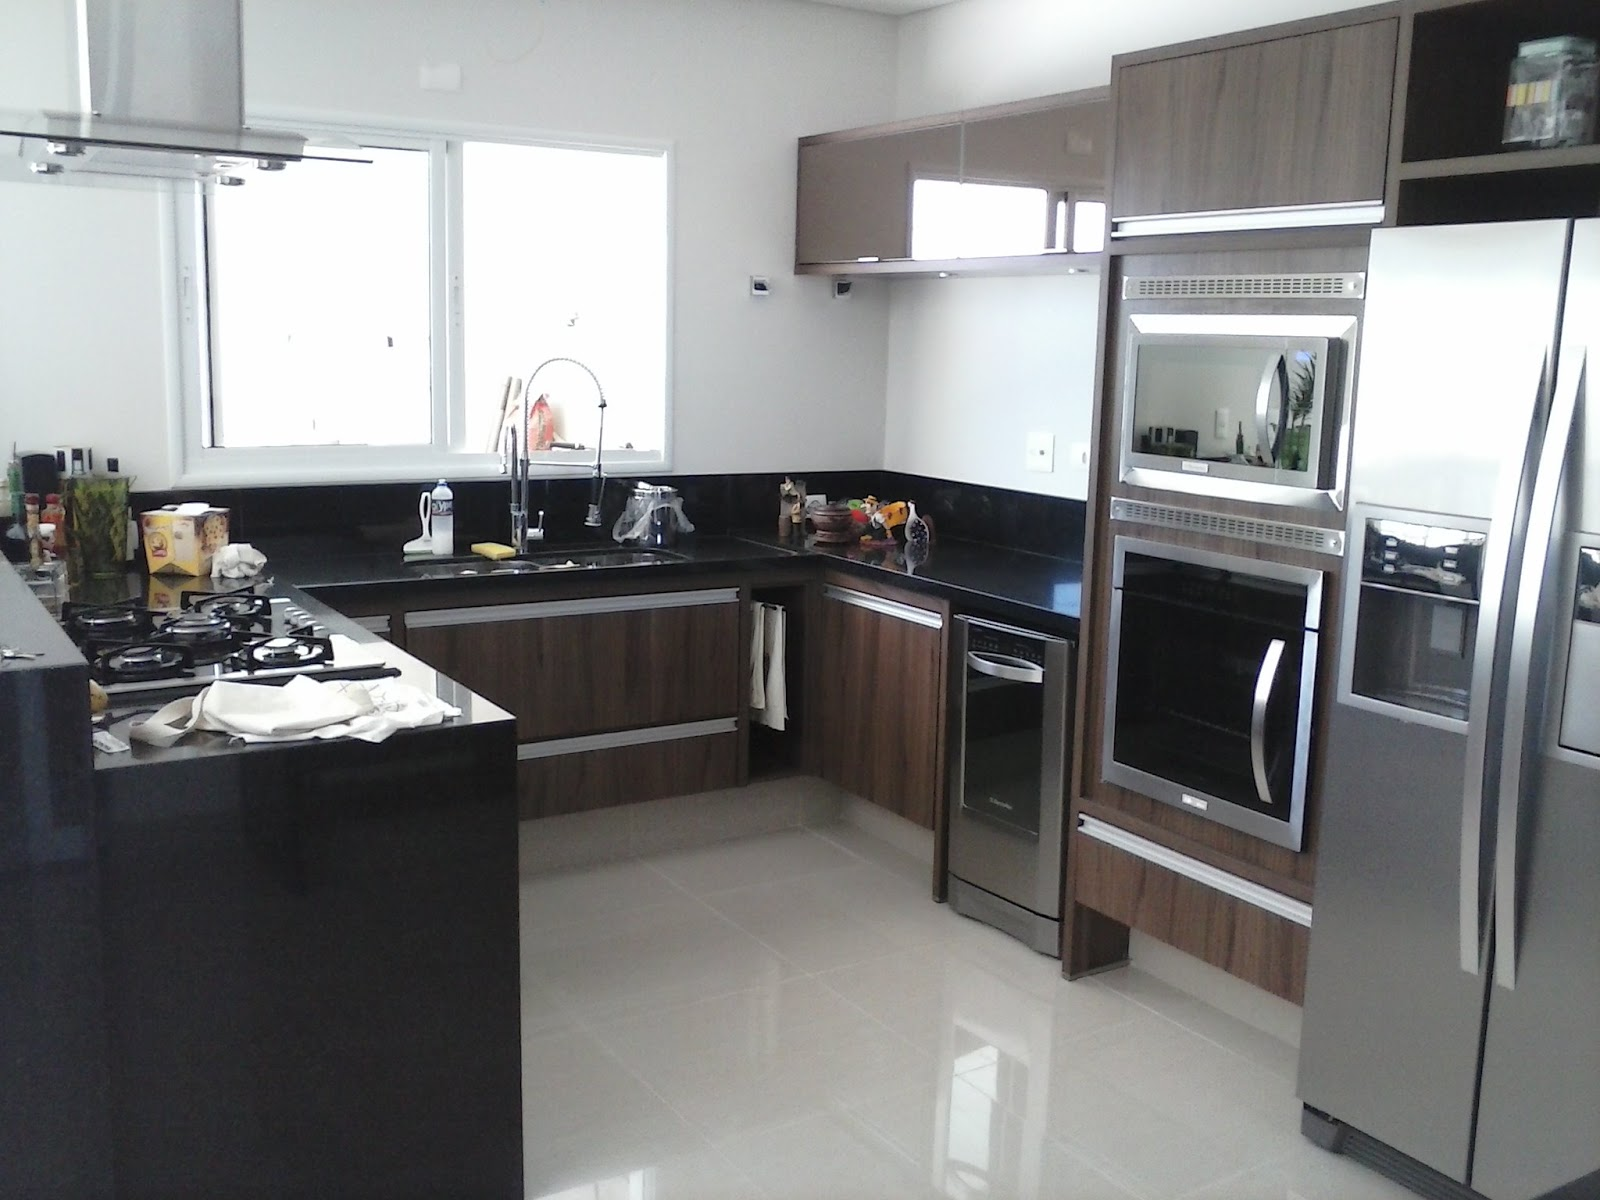 Móveis & Design o Bom Gosto em sua casa: cozinha moderna alto padrão #5B4D46 1600 1200